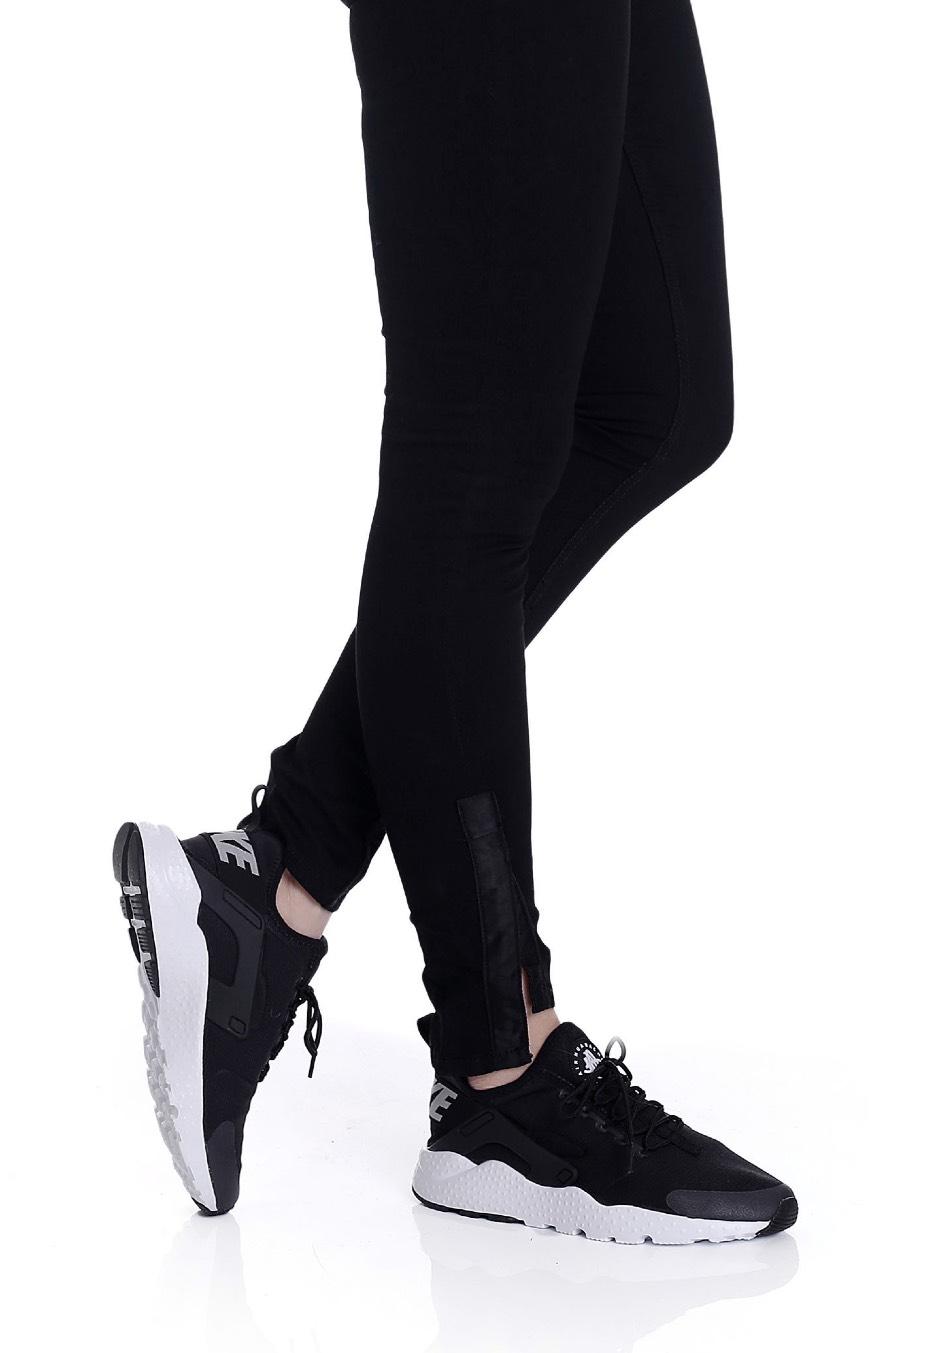 db3b98452 ... sweden nike air huarache run ultra black white girl shoes 91ab9 854fc